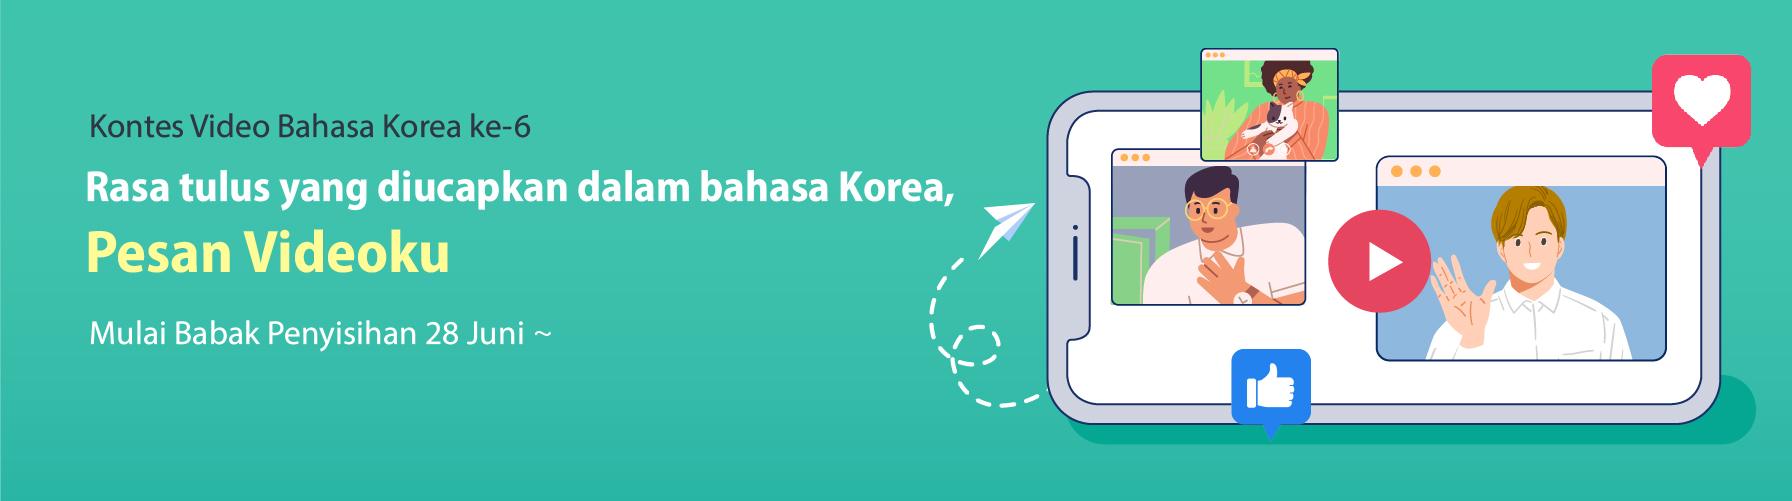 Kontes Video Bahasa Korea ke-6